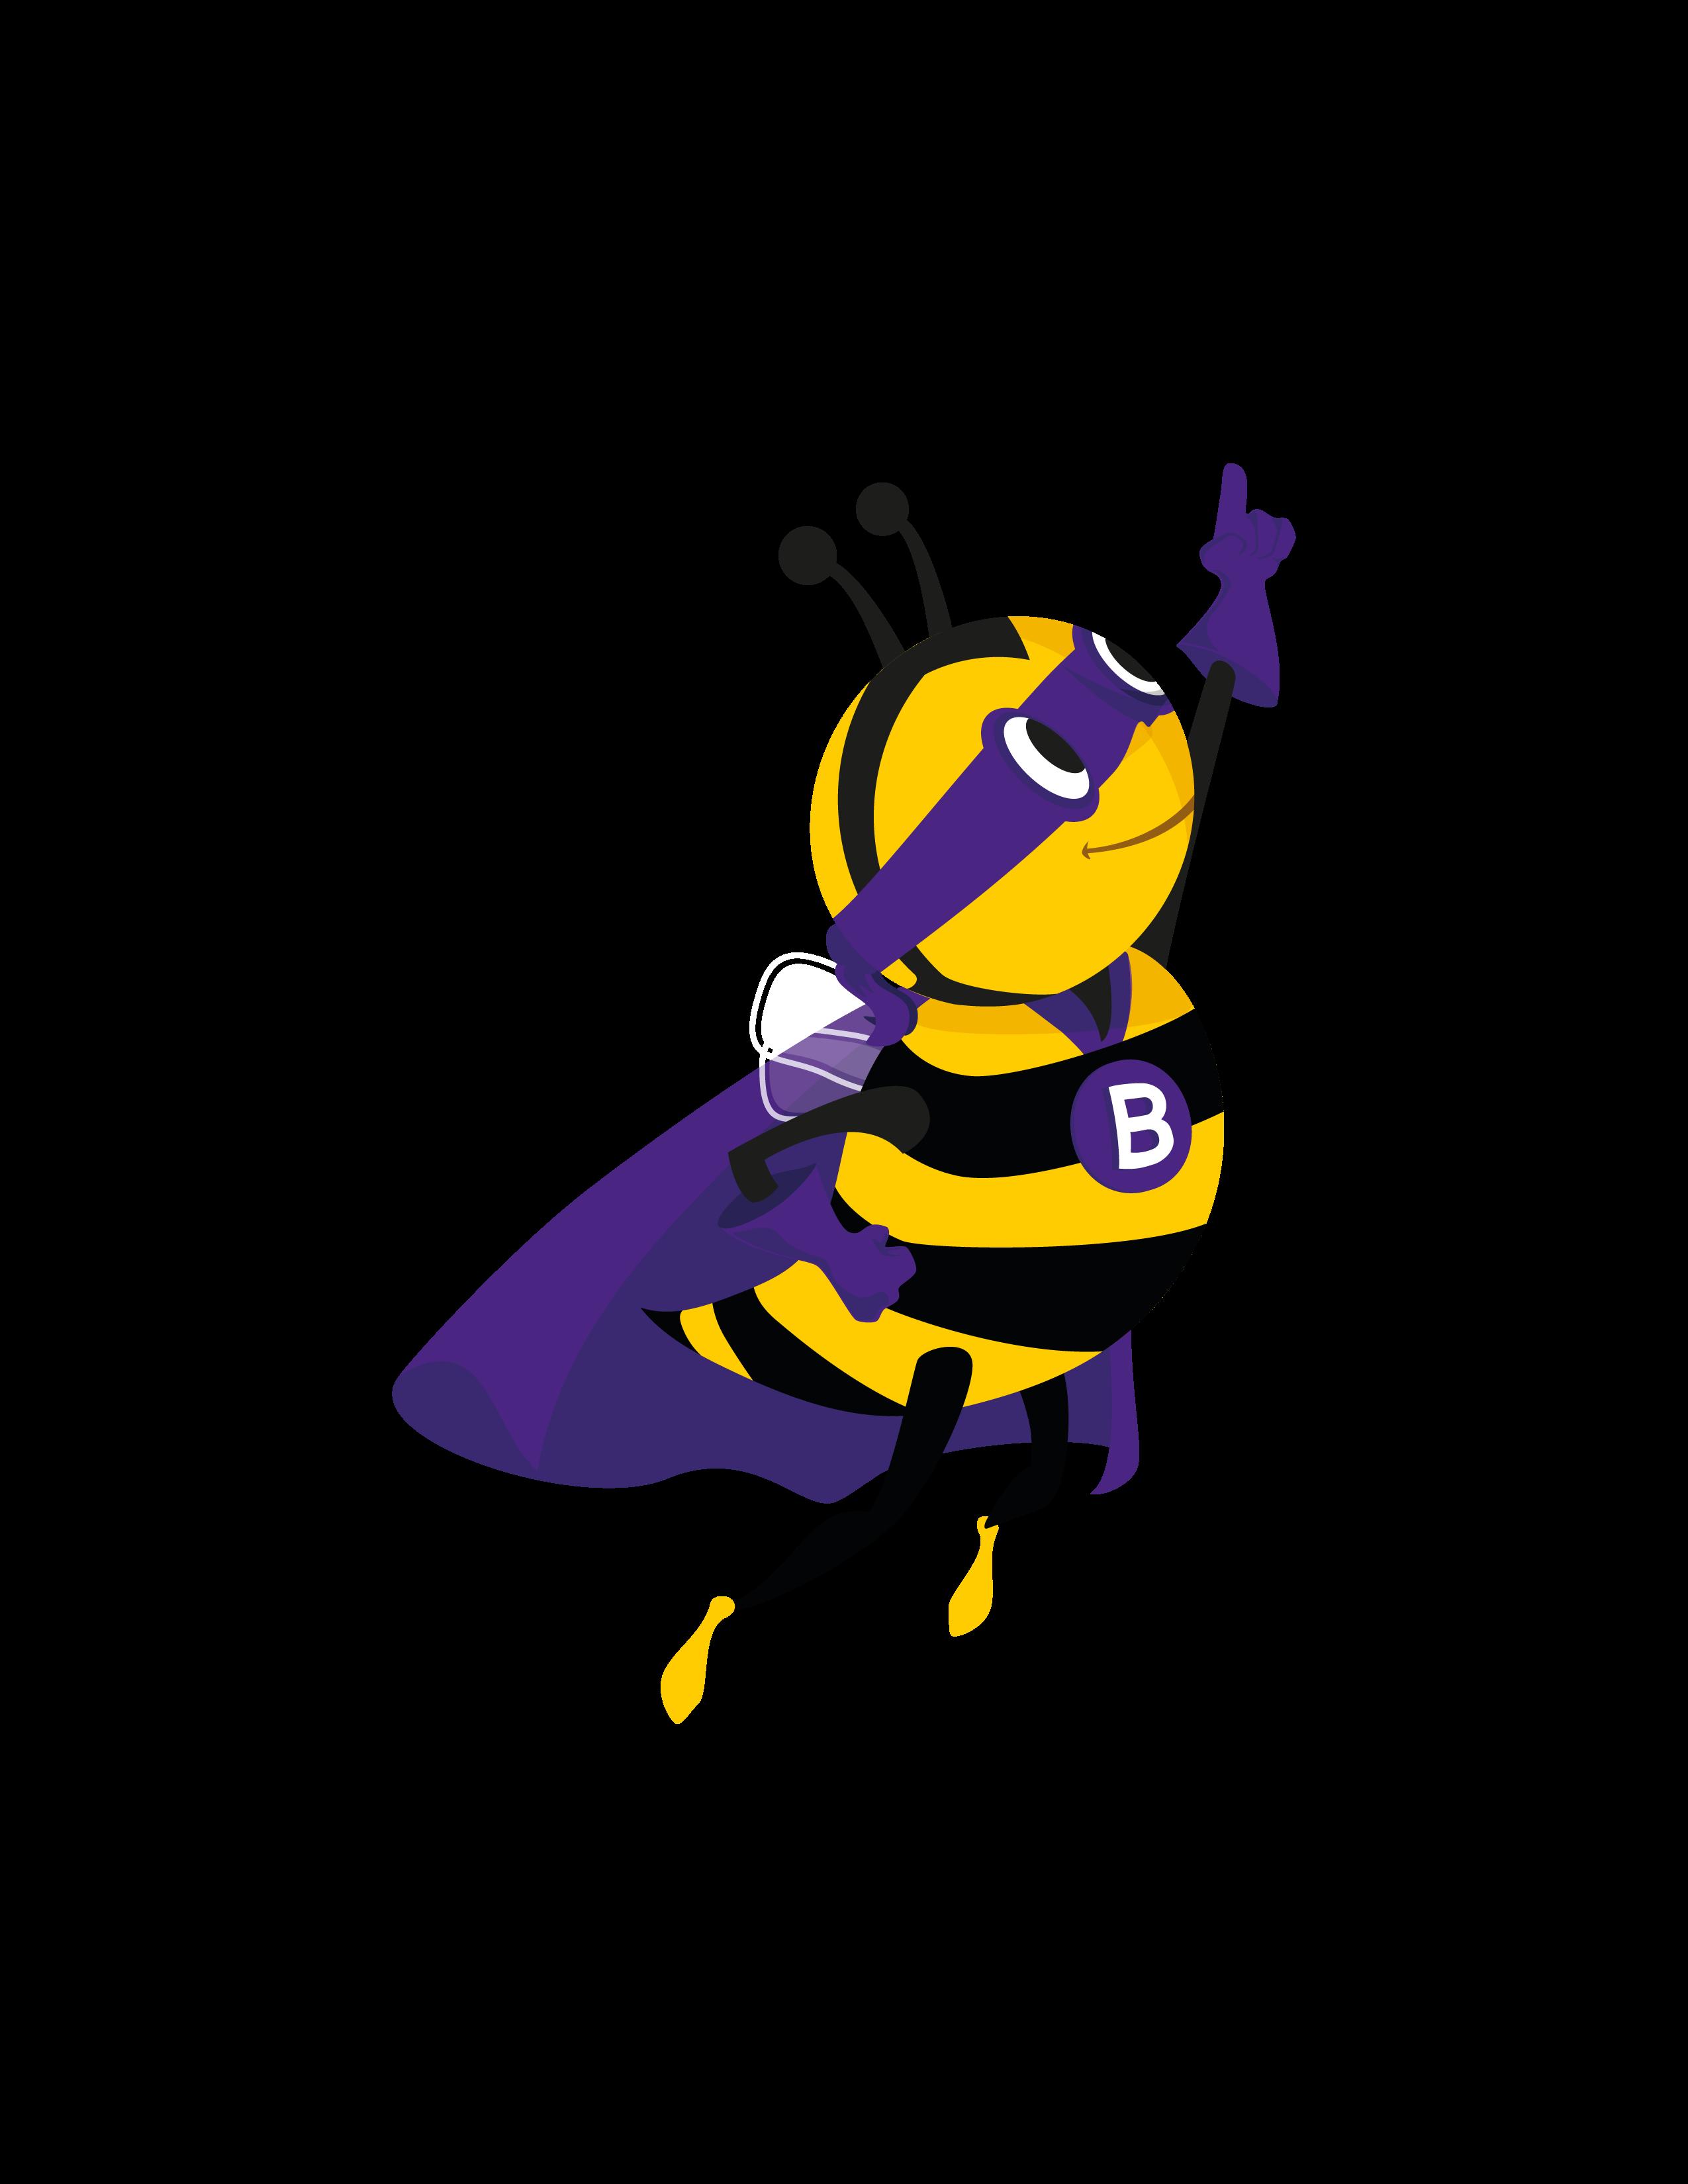 bee-hero-flying-up-vector-prancheta-1.png